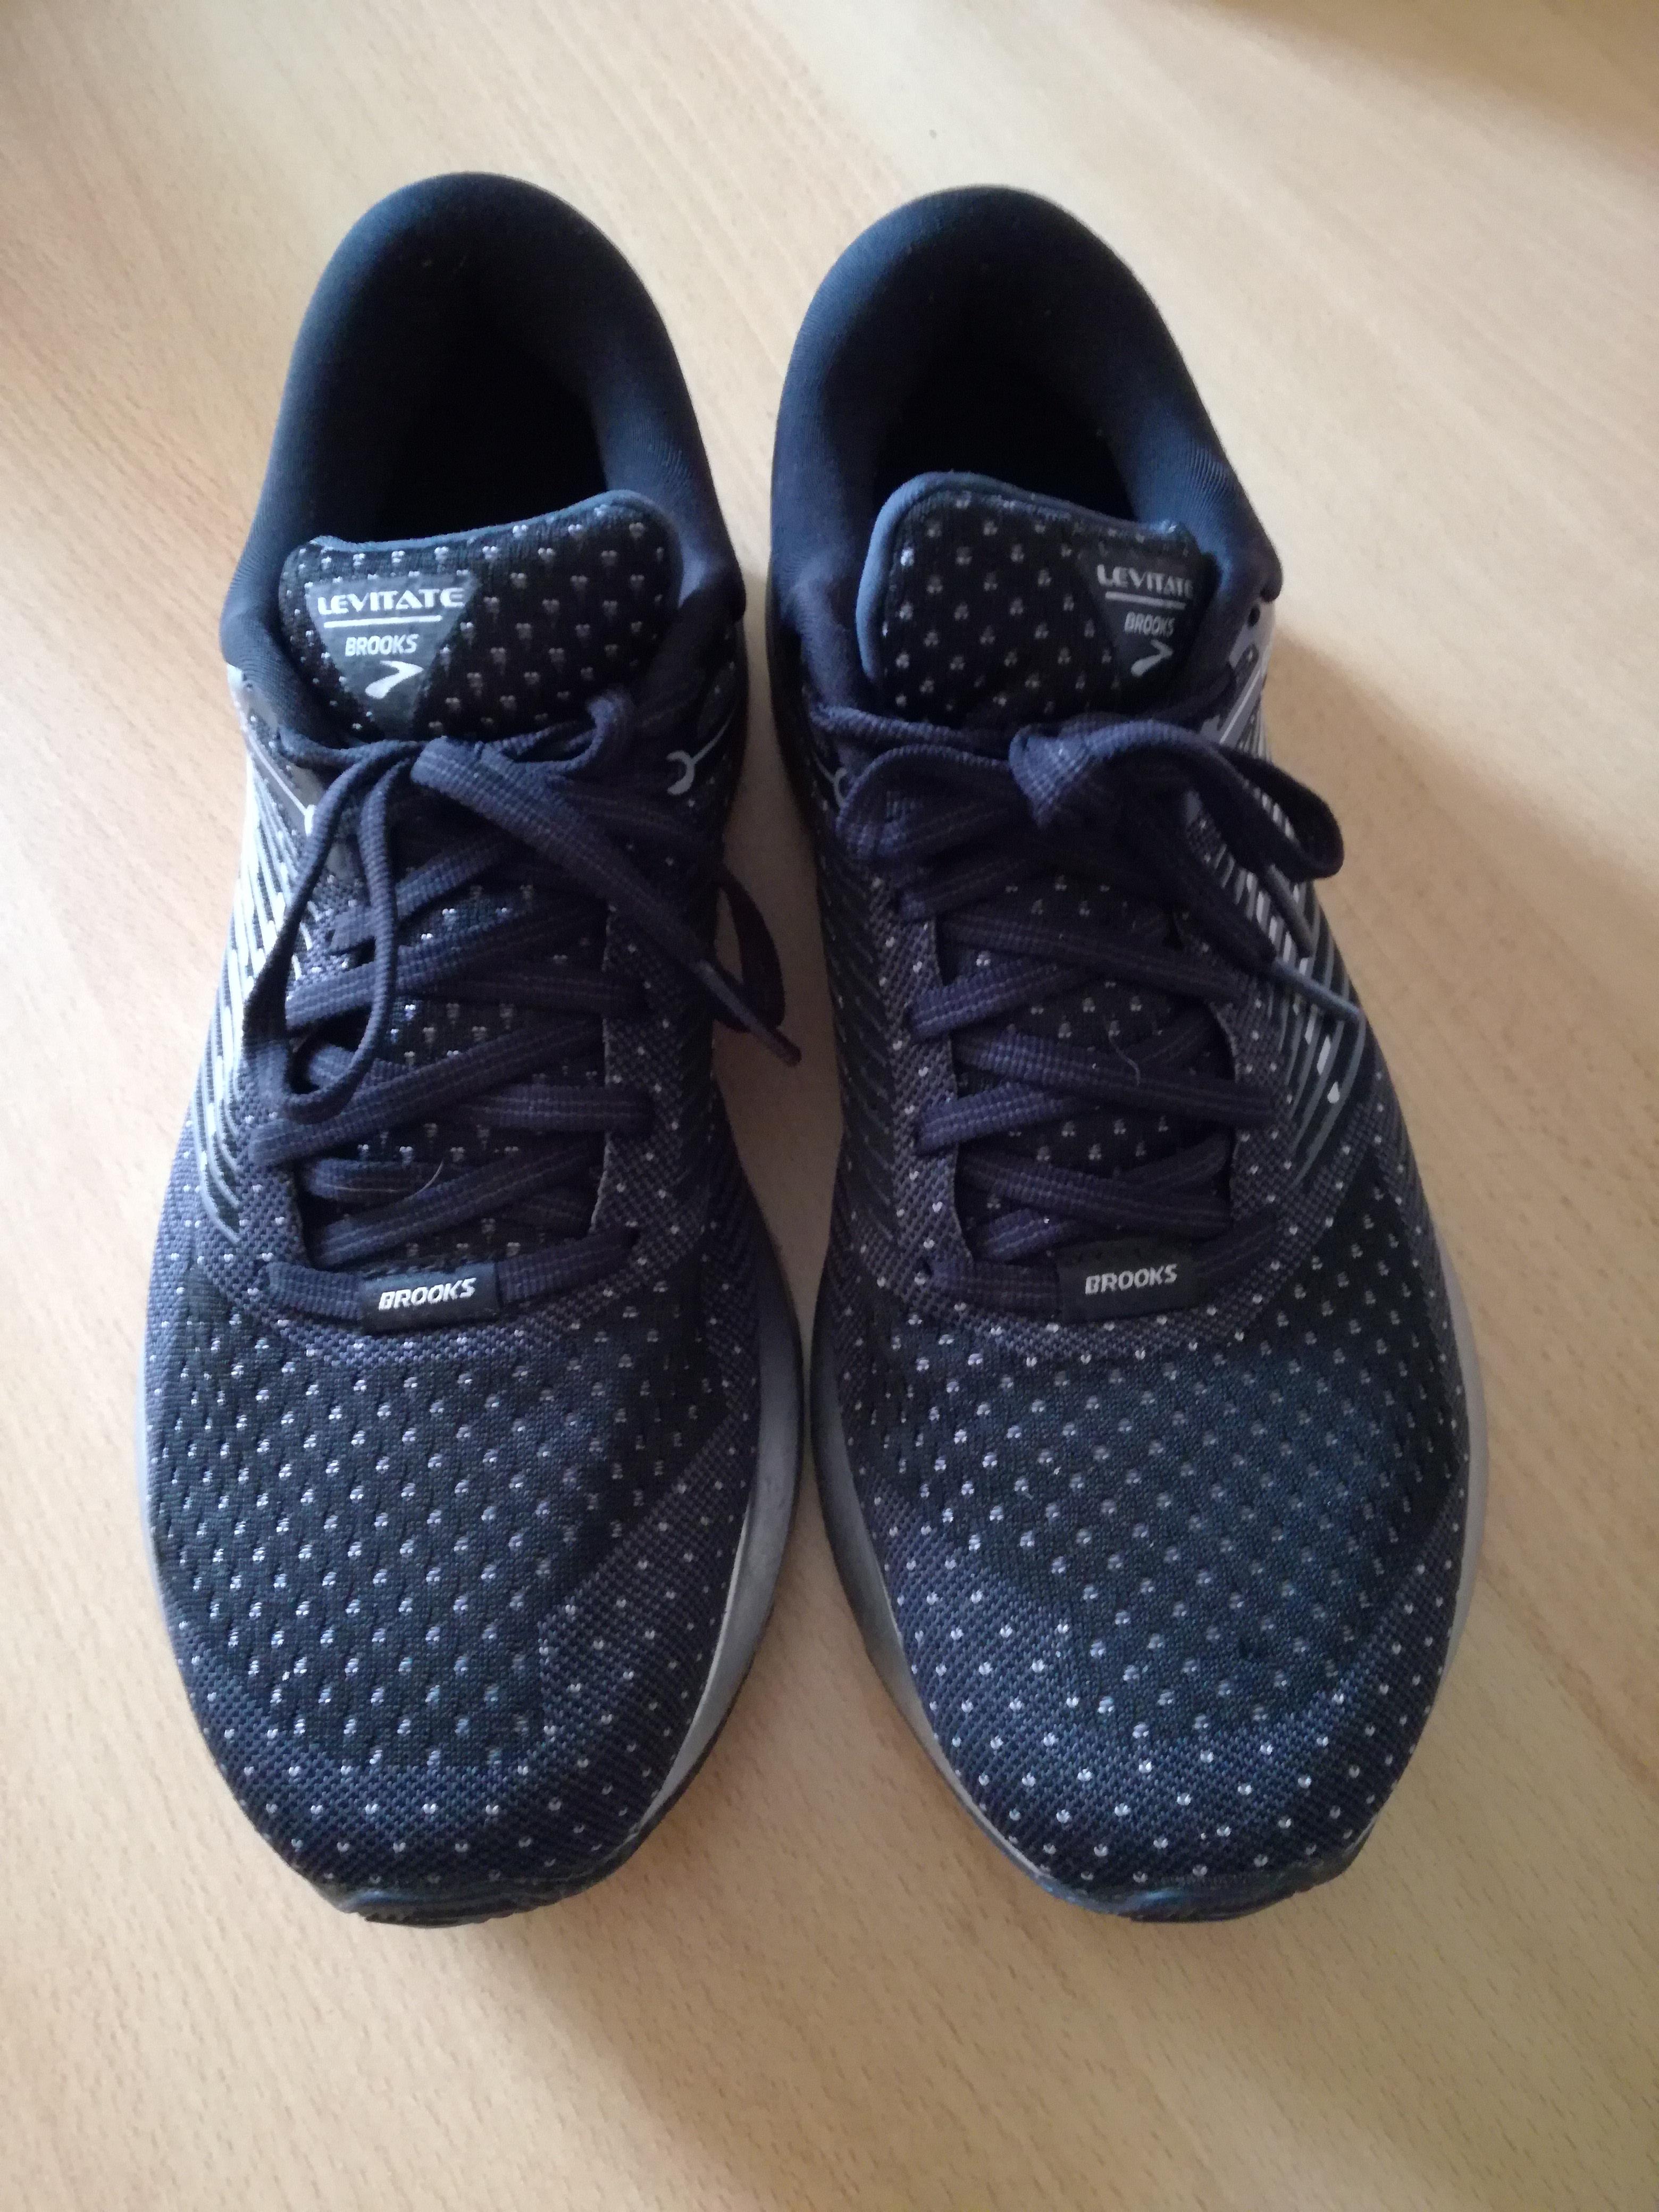 8da398e4e75 L unico punto a sfavore di queste scarpe è la tenuta sul bagnato